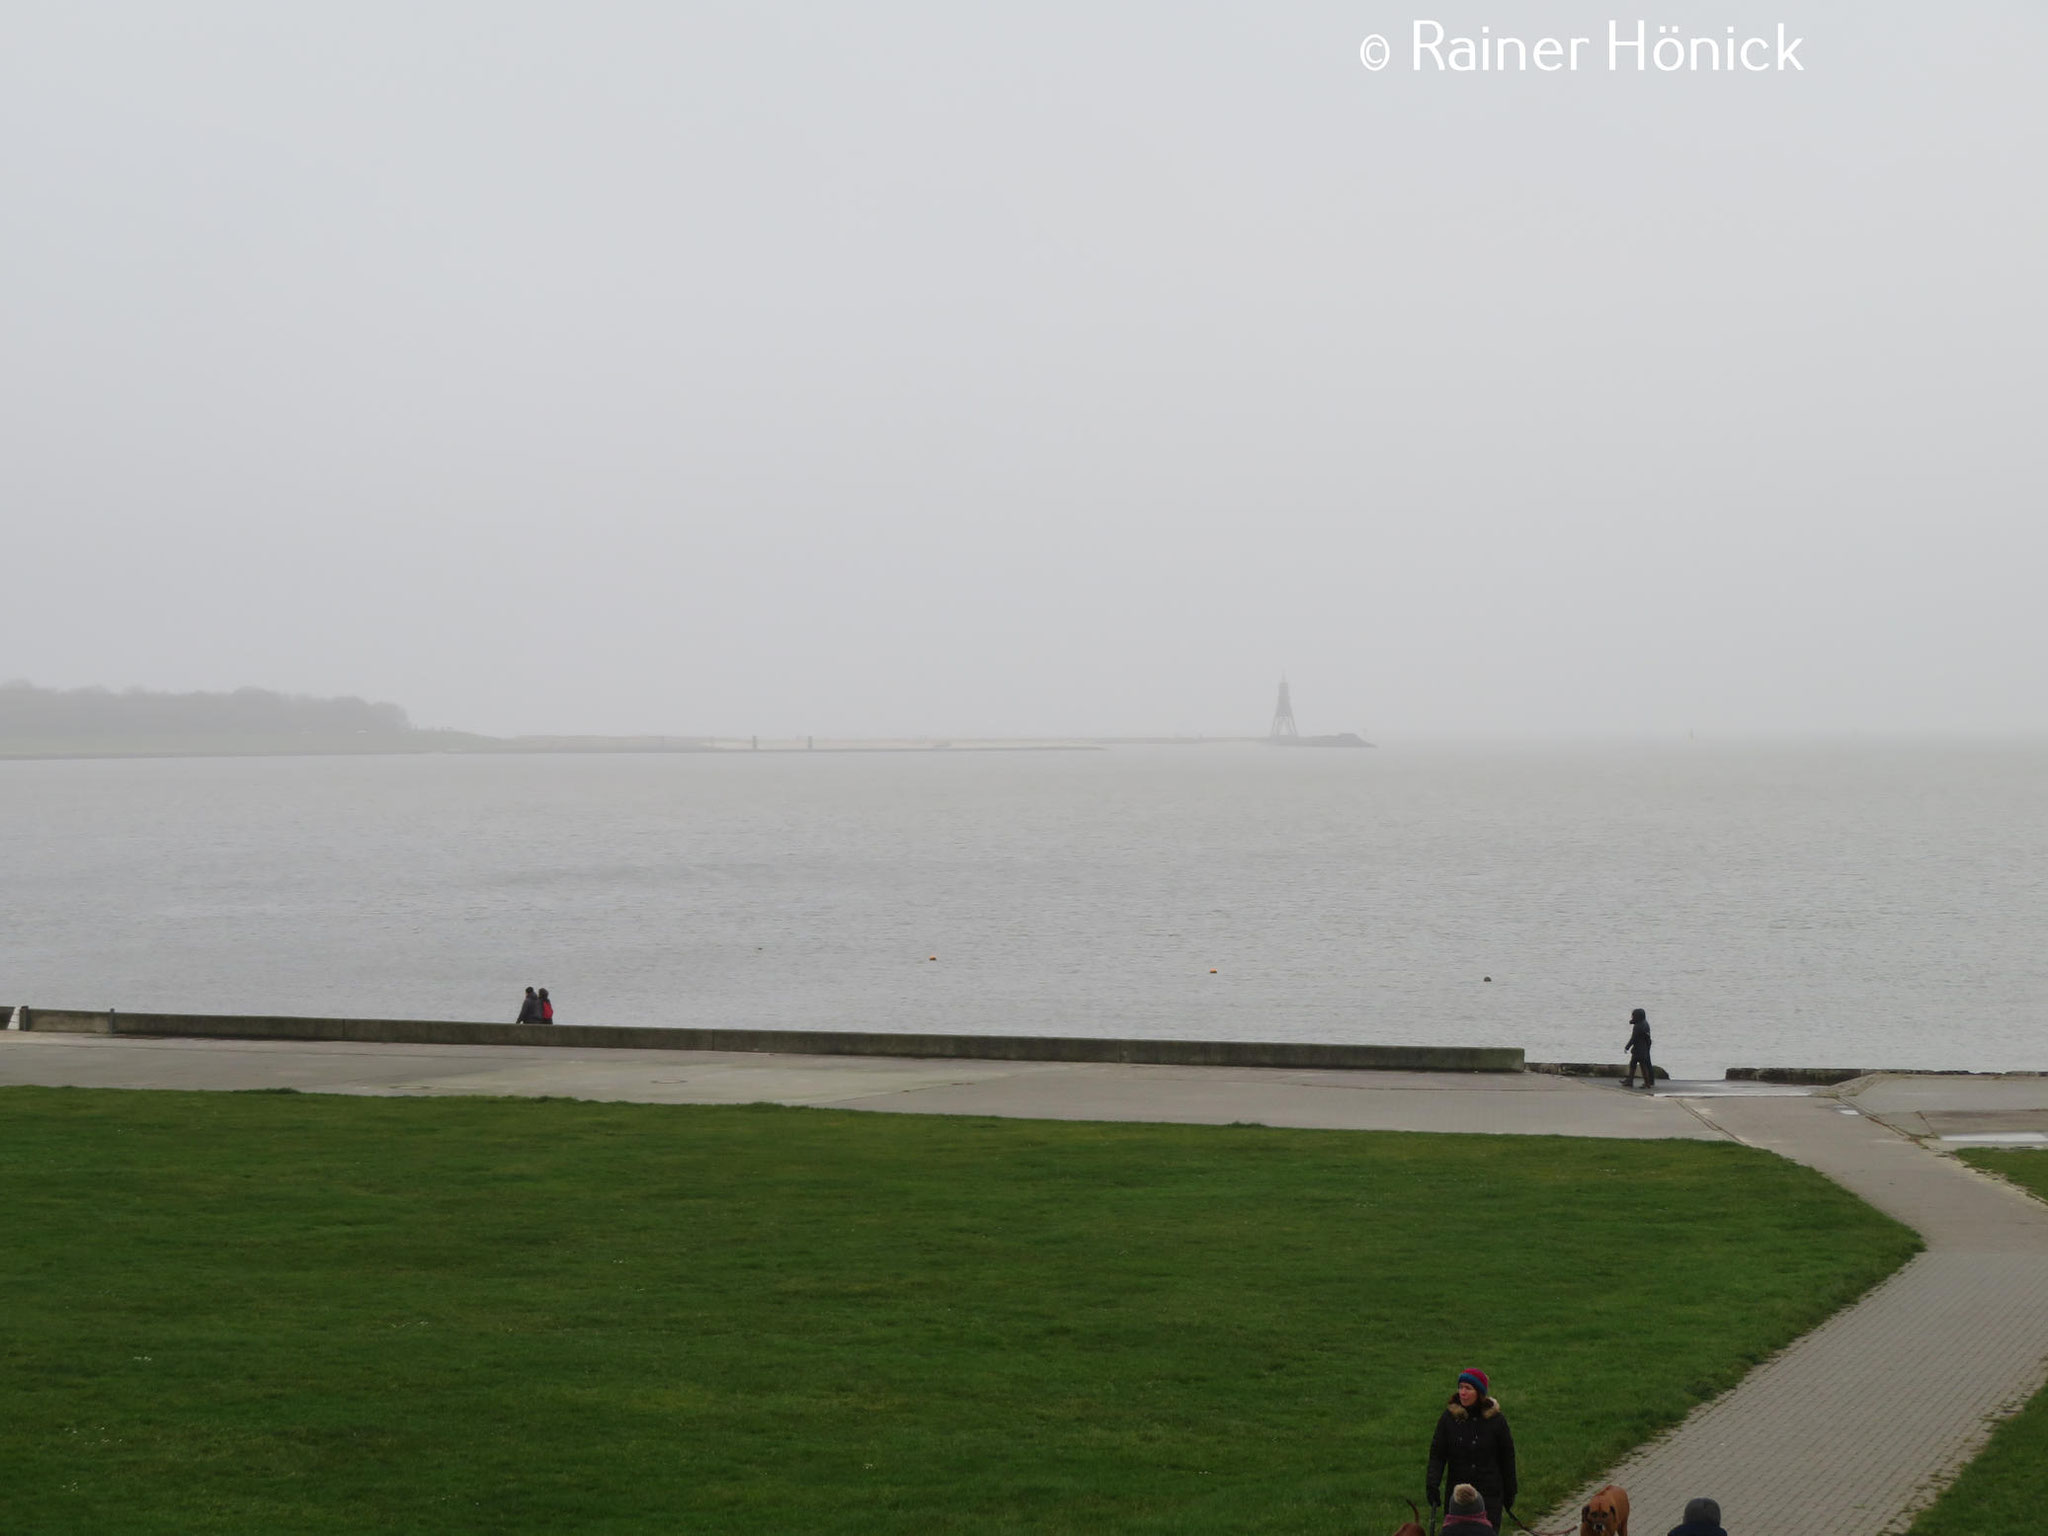 Heute Sonntag, der 26. Januar, sehr Nebelig, um die 0 Grad, kalter Wind aus Ost